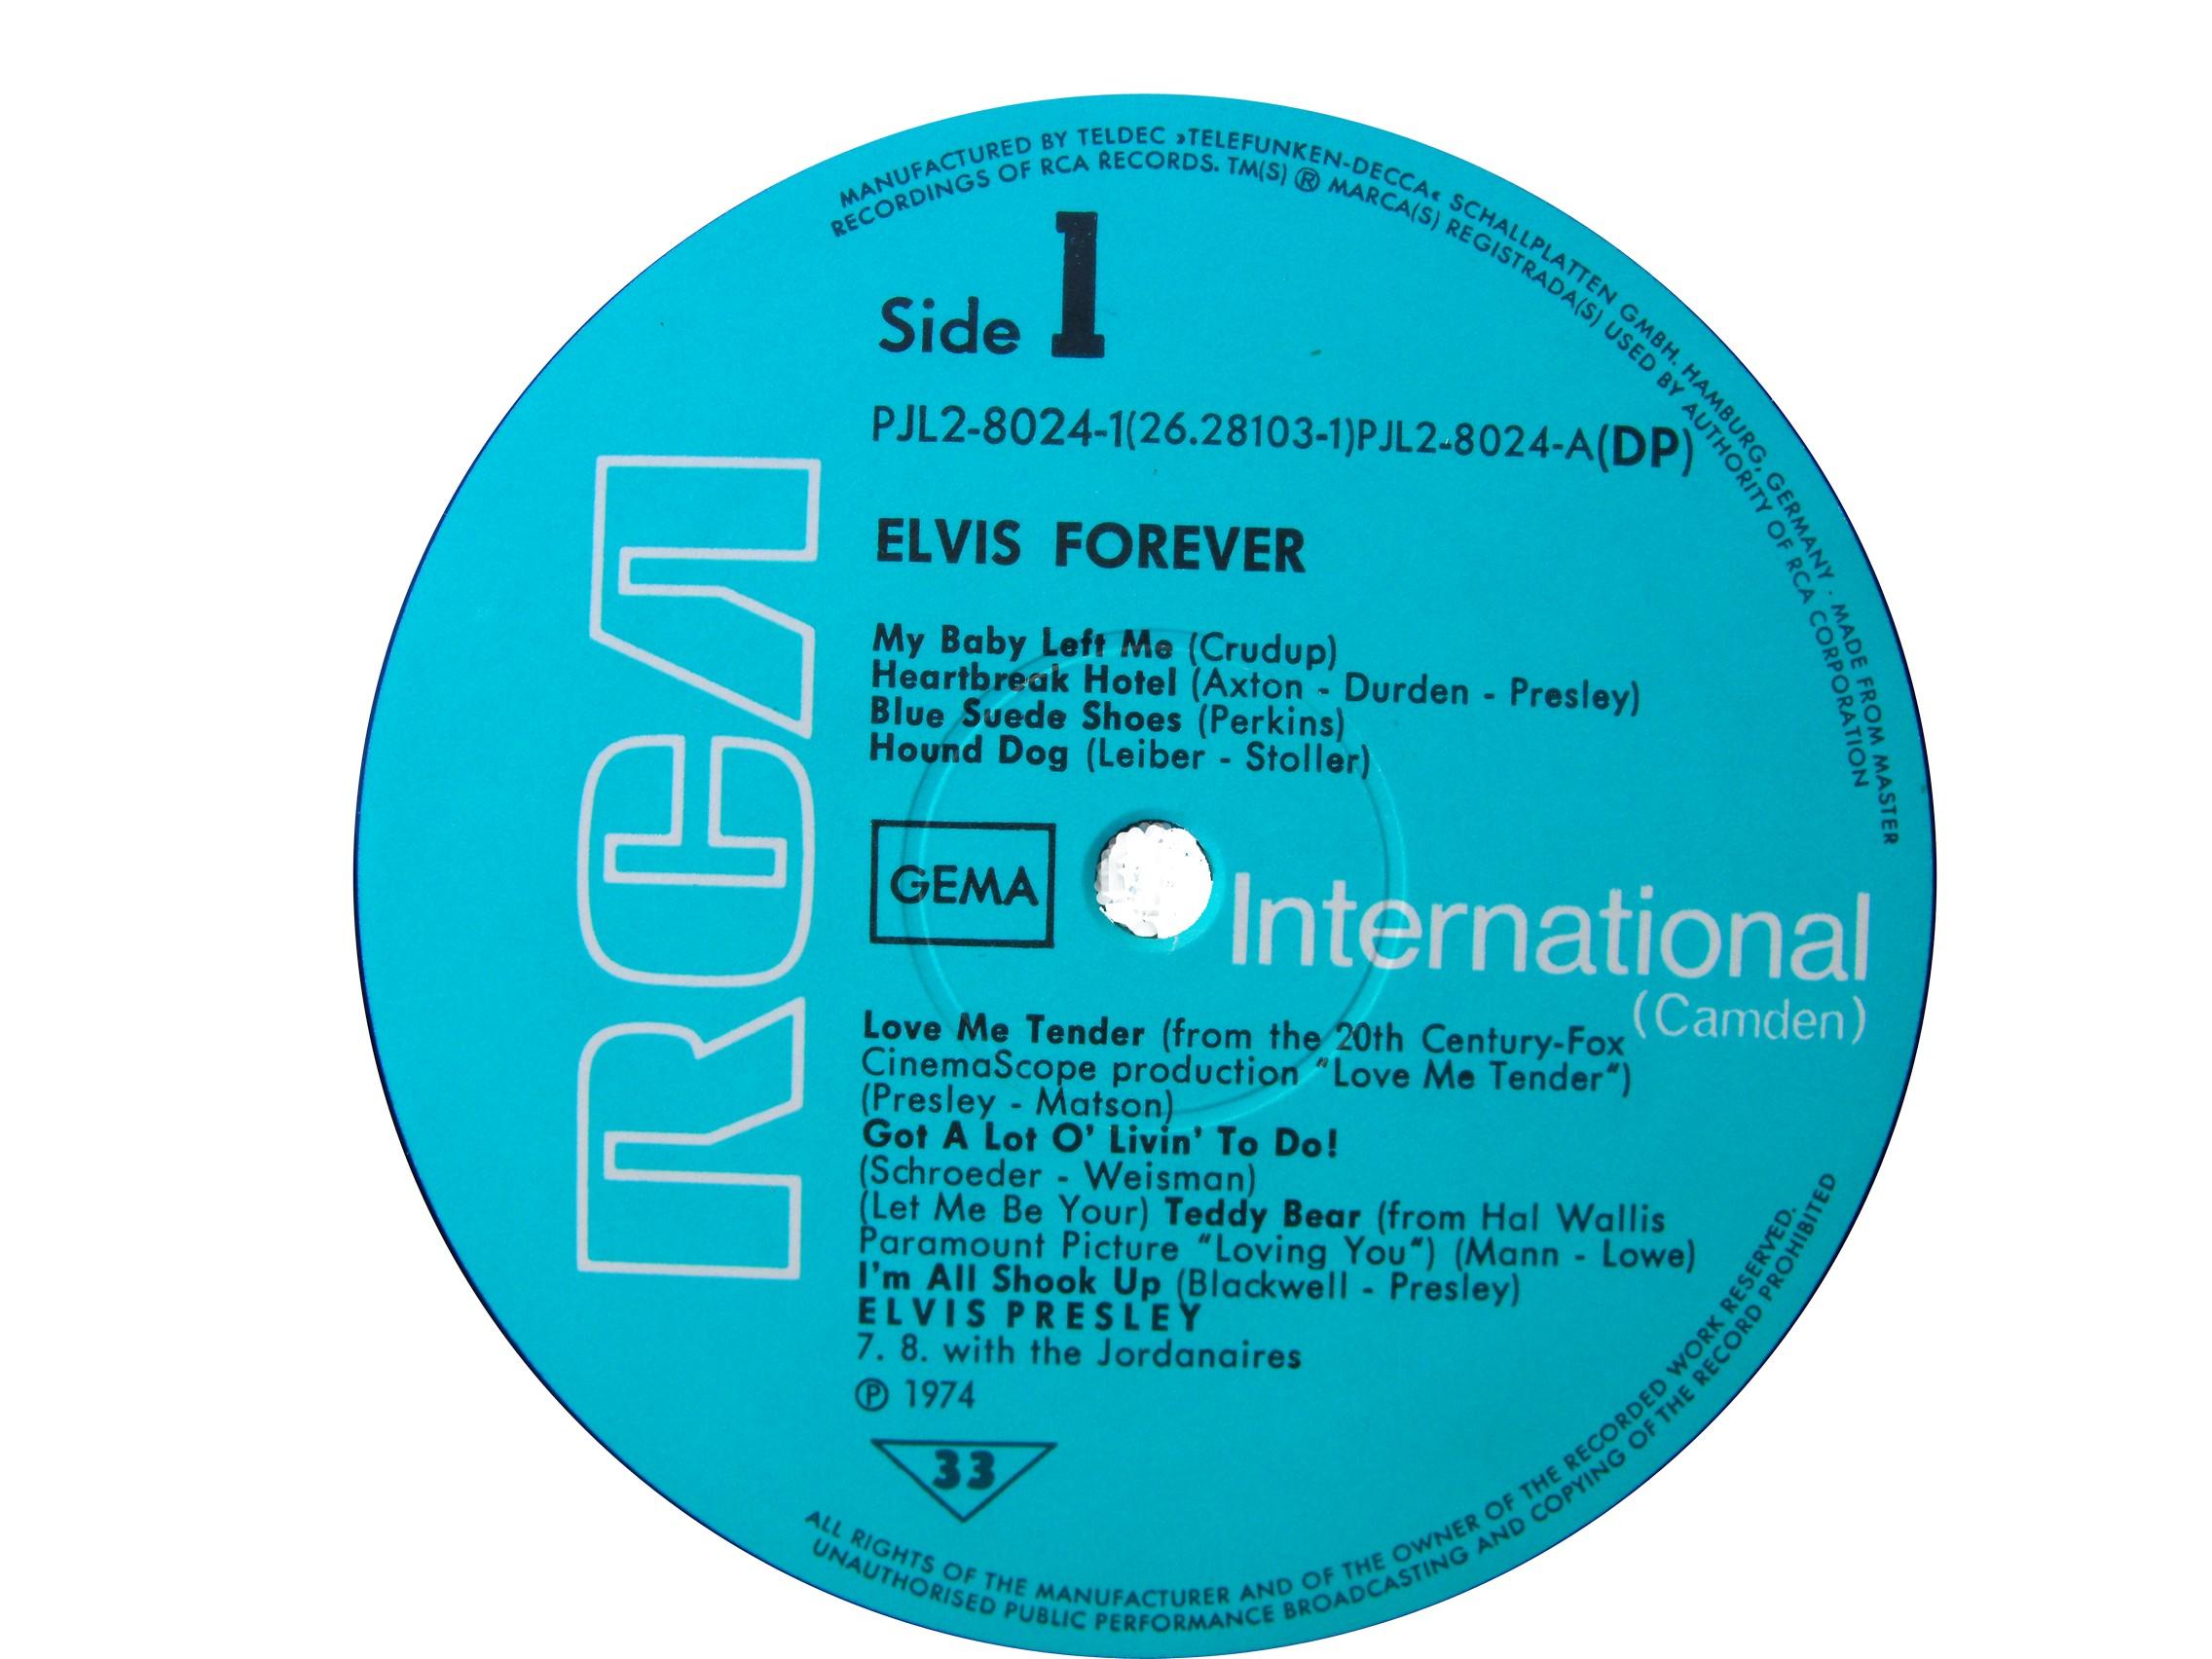 ELVIS FOREVER - 32 HITS Efside11974widux